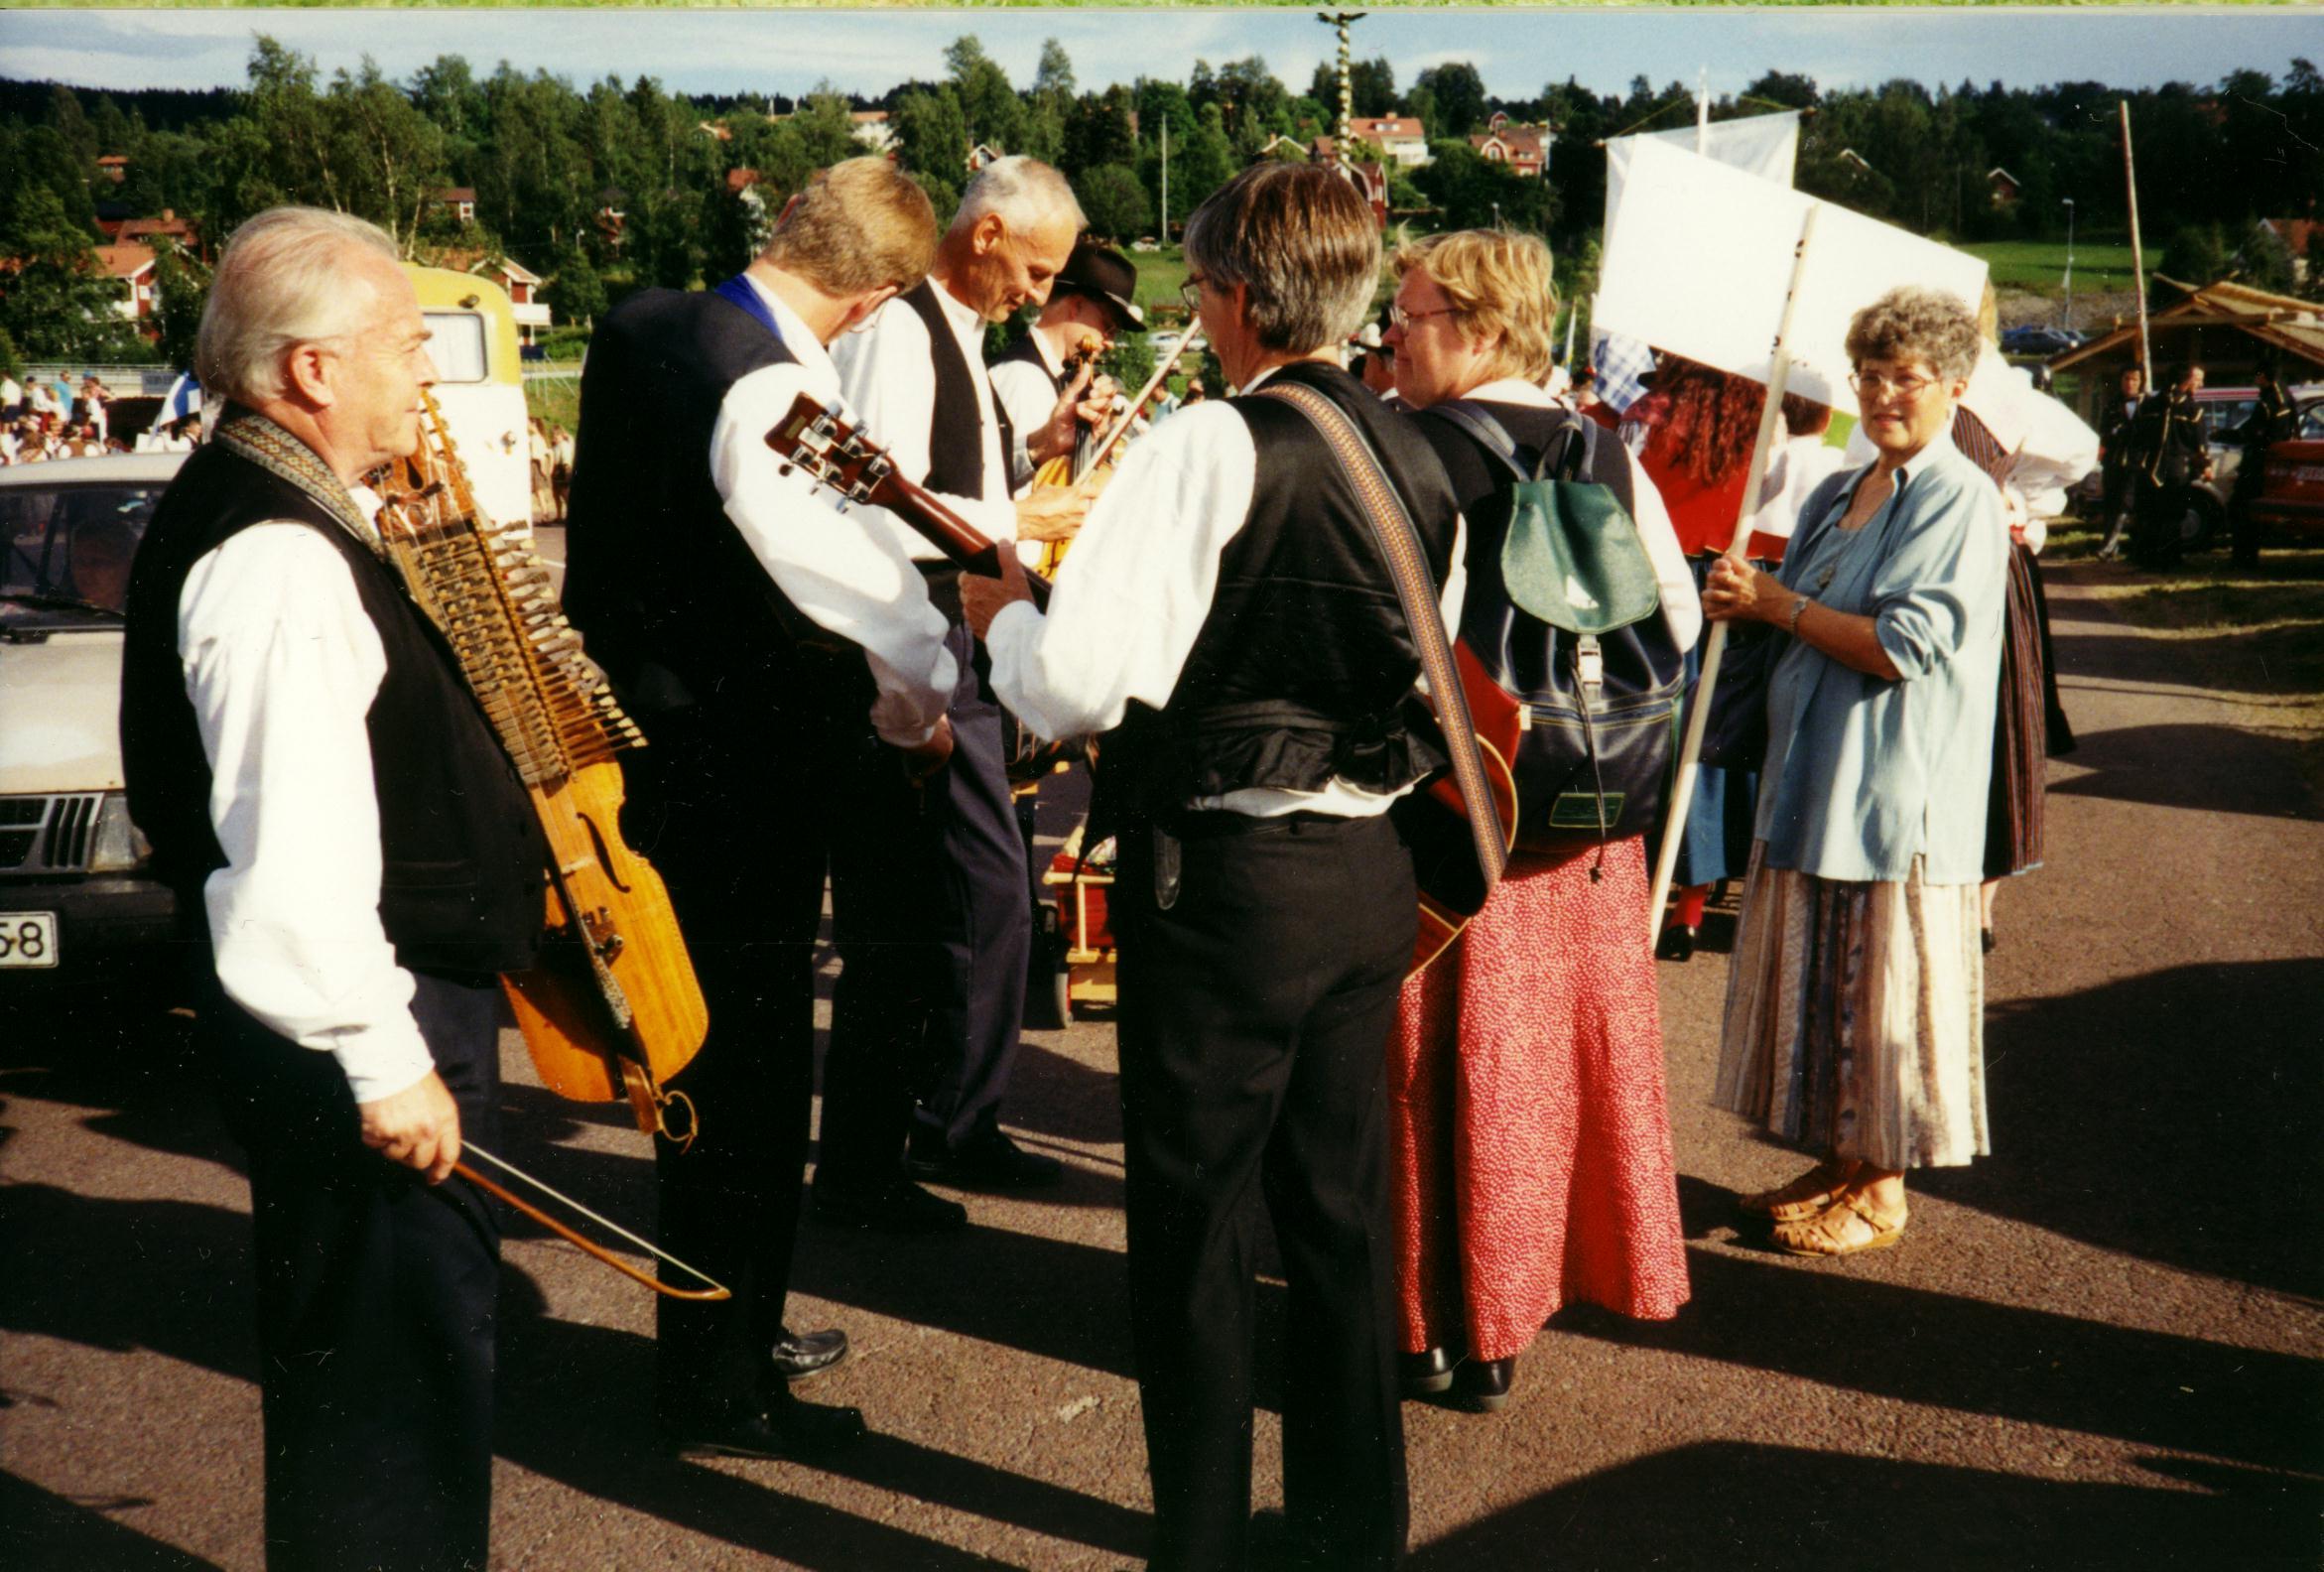 Rättvik Folklore Festival. Snart dags att tåga genom stan till Rättviksparken. Foto Lena Nordin.